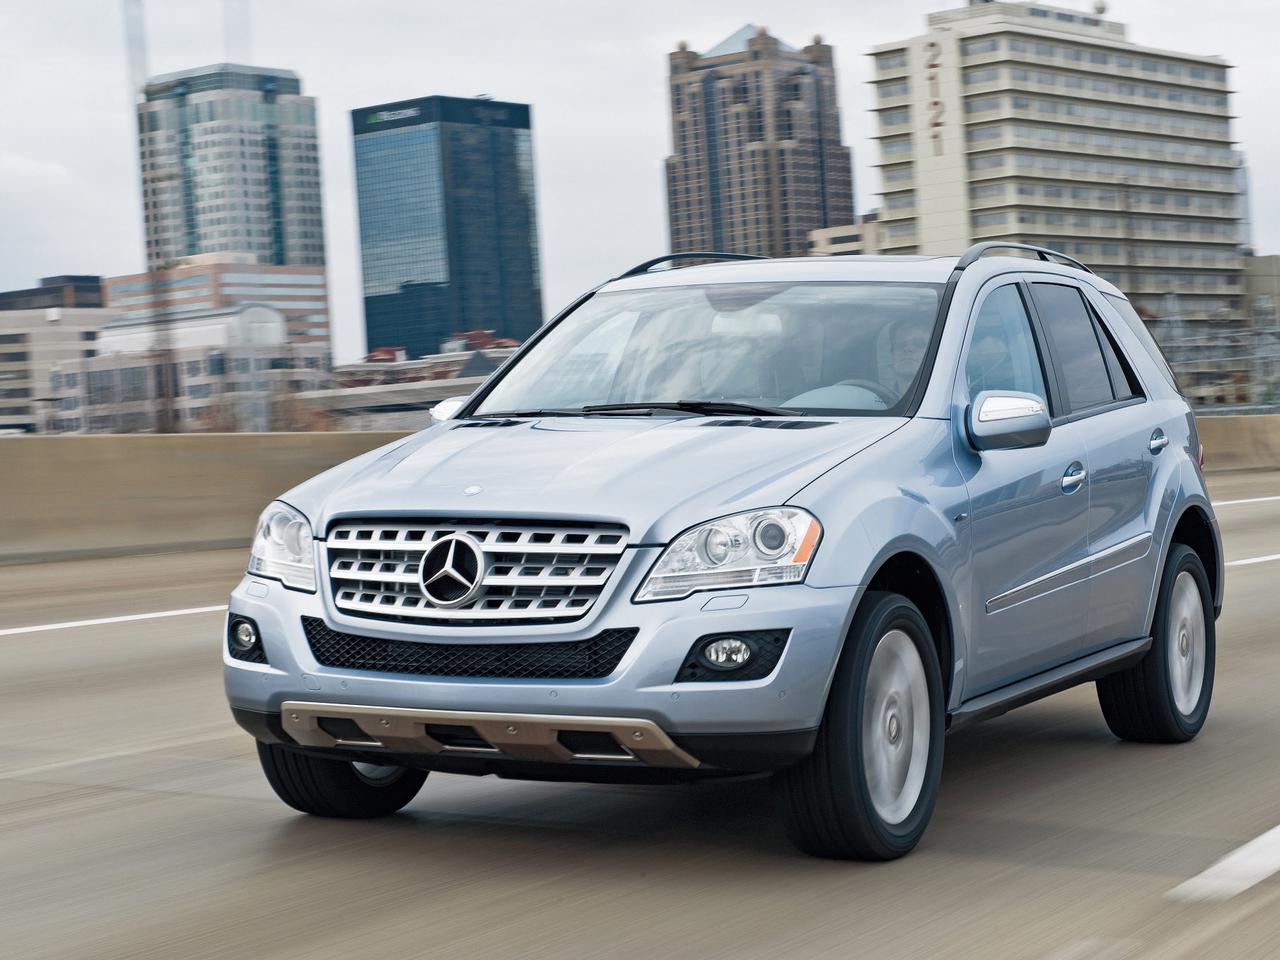 メルセデス・ベンツML450ハイブリッドは、レクサスのハイブリッドを意識したか【10年ひと昔の新車】